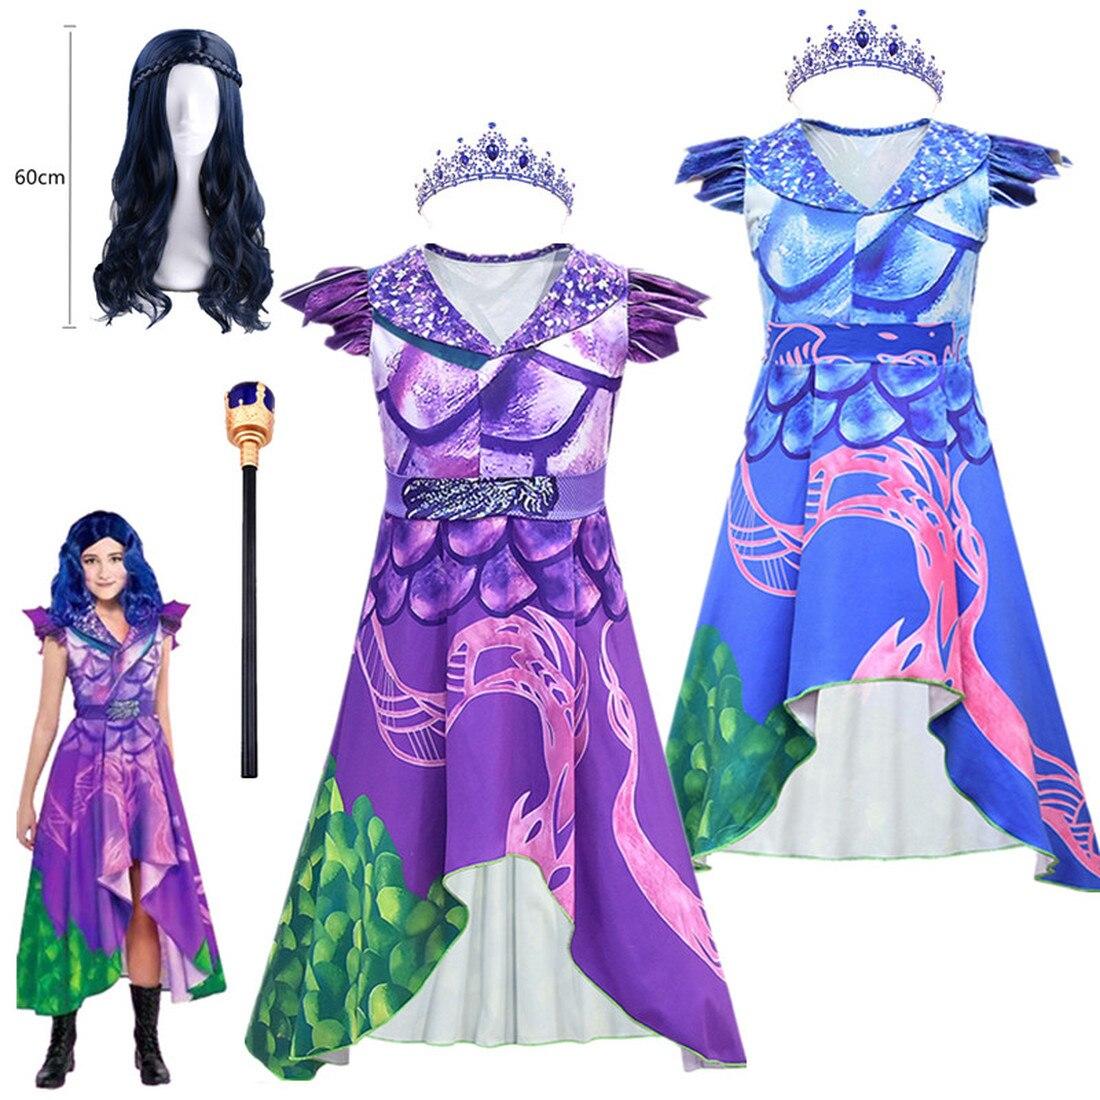 Платье для косплея Evie descendants 3 Mal, Фантастические Костюмы, летняя детская одежда для дня рождения, костюмы на Хэллоуин для детей